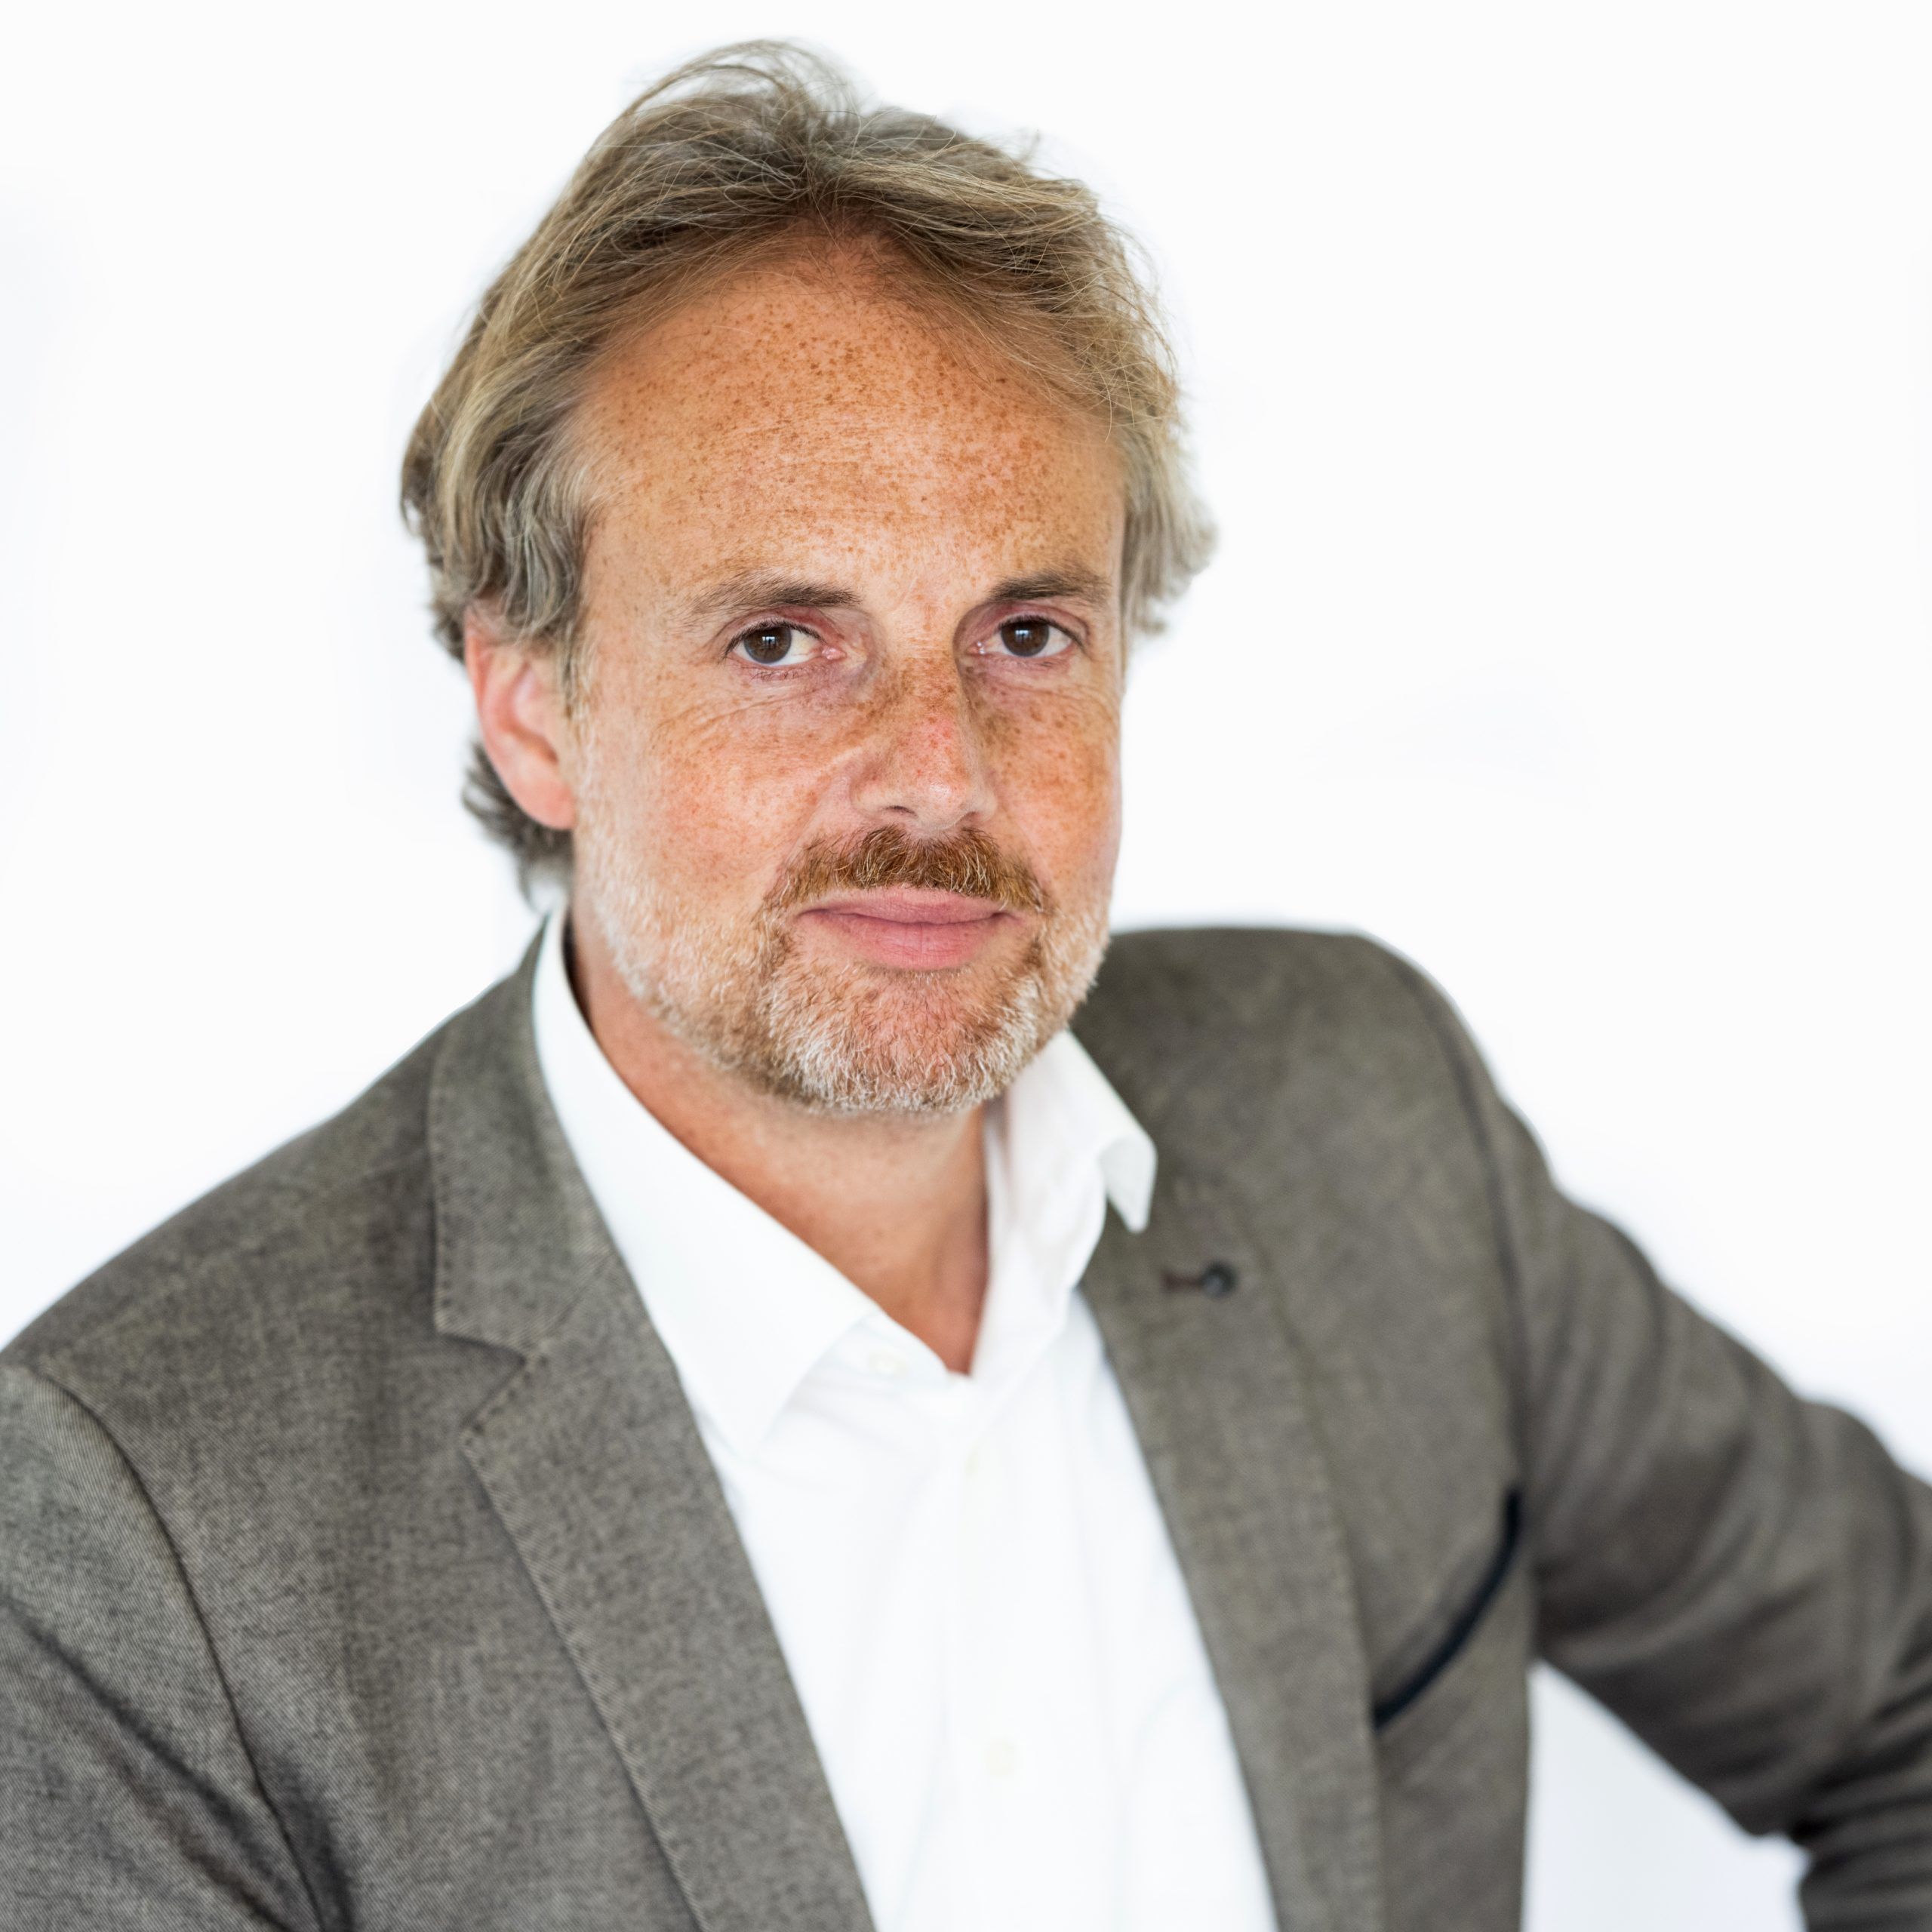 Coenraad Krijger